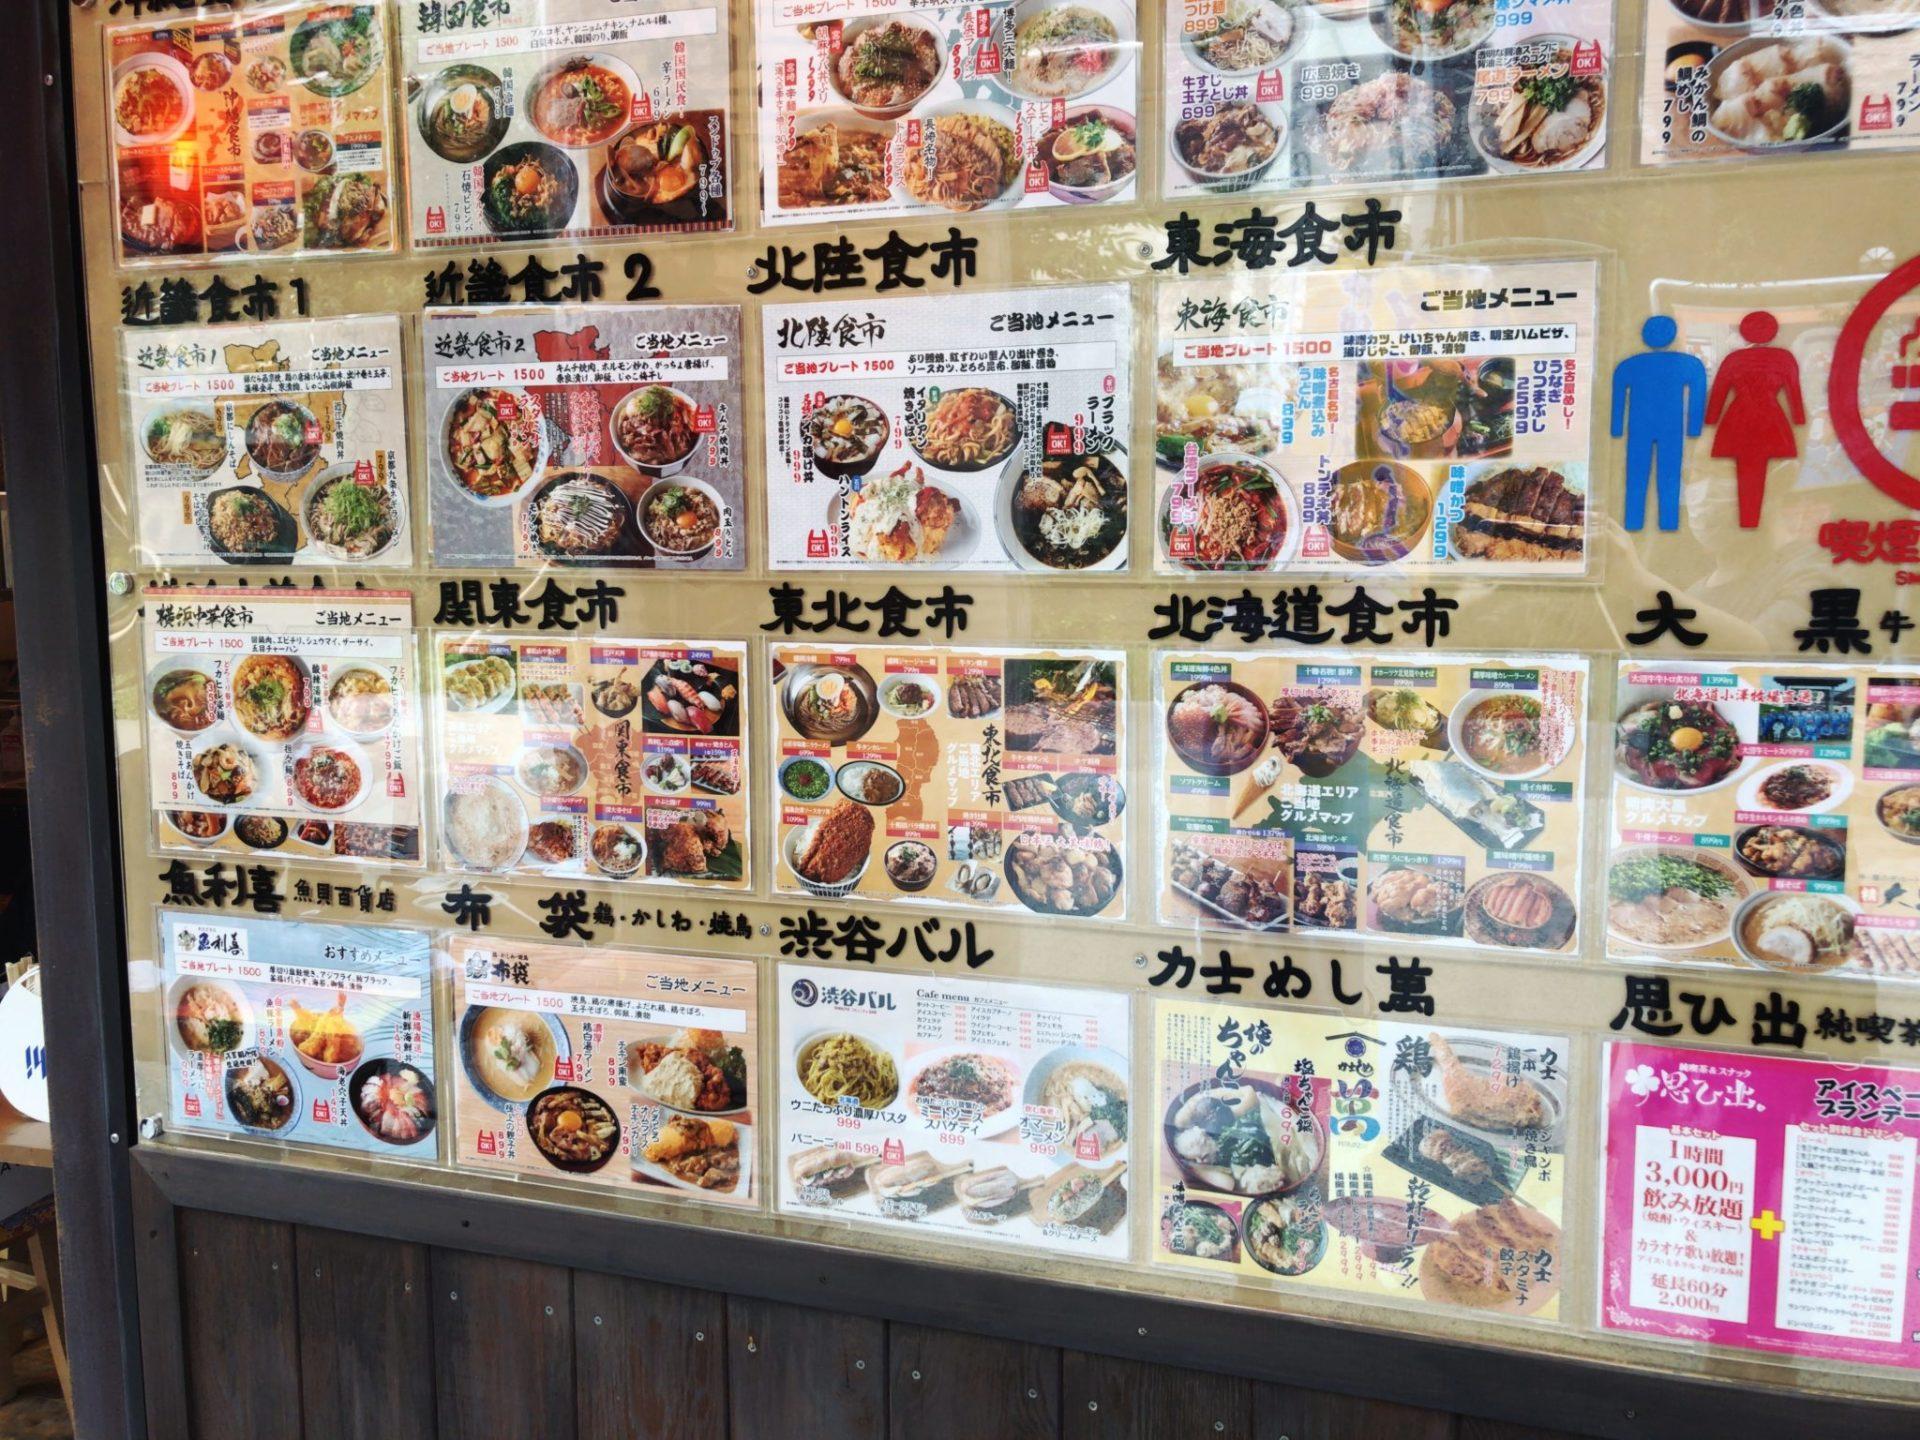 渋谷横丁のメニュー